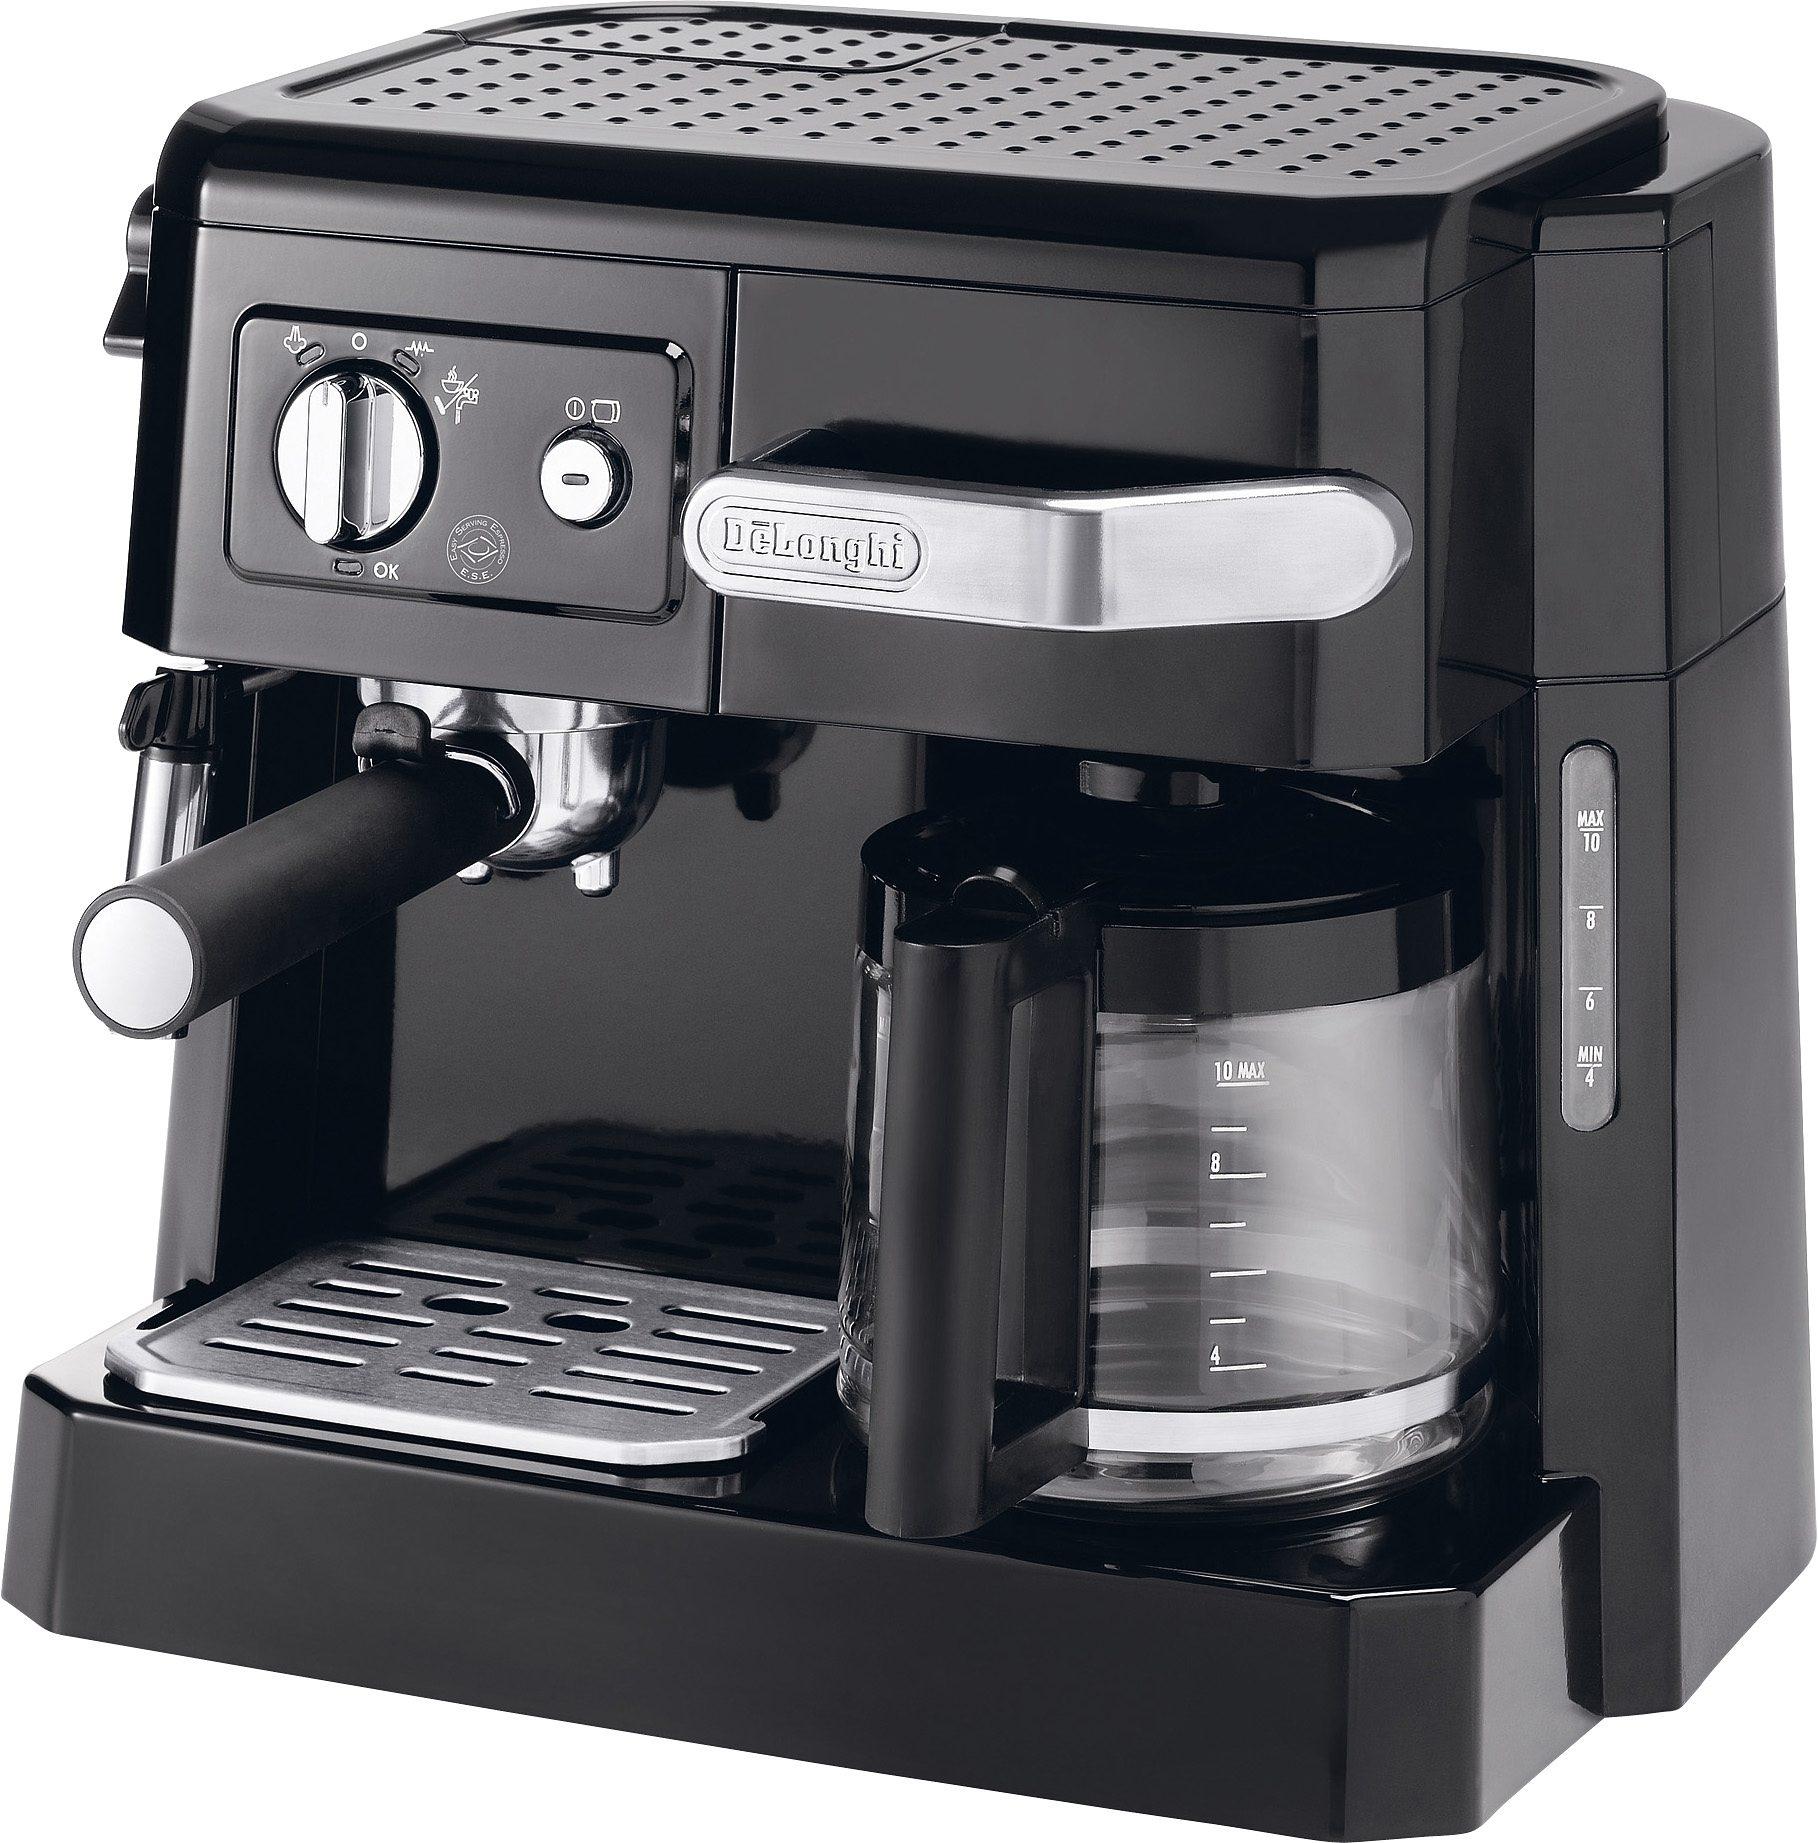 De'Longhi Siebträgermaschine BCO 410.1, 1x4, Kombi-Espresso-Kaffee-Maschine